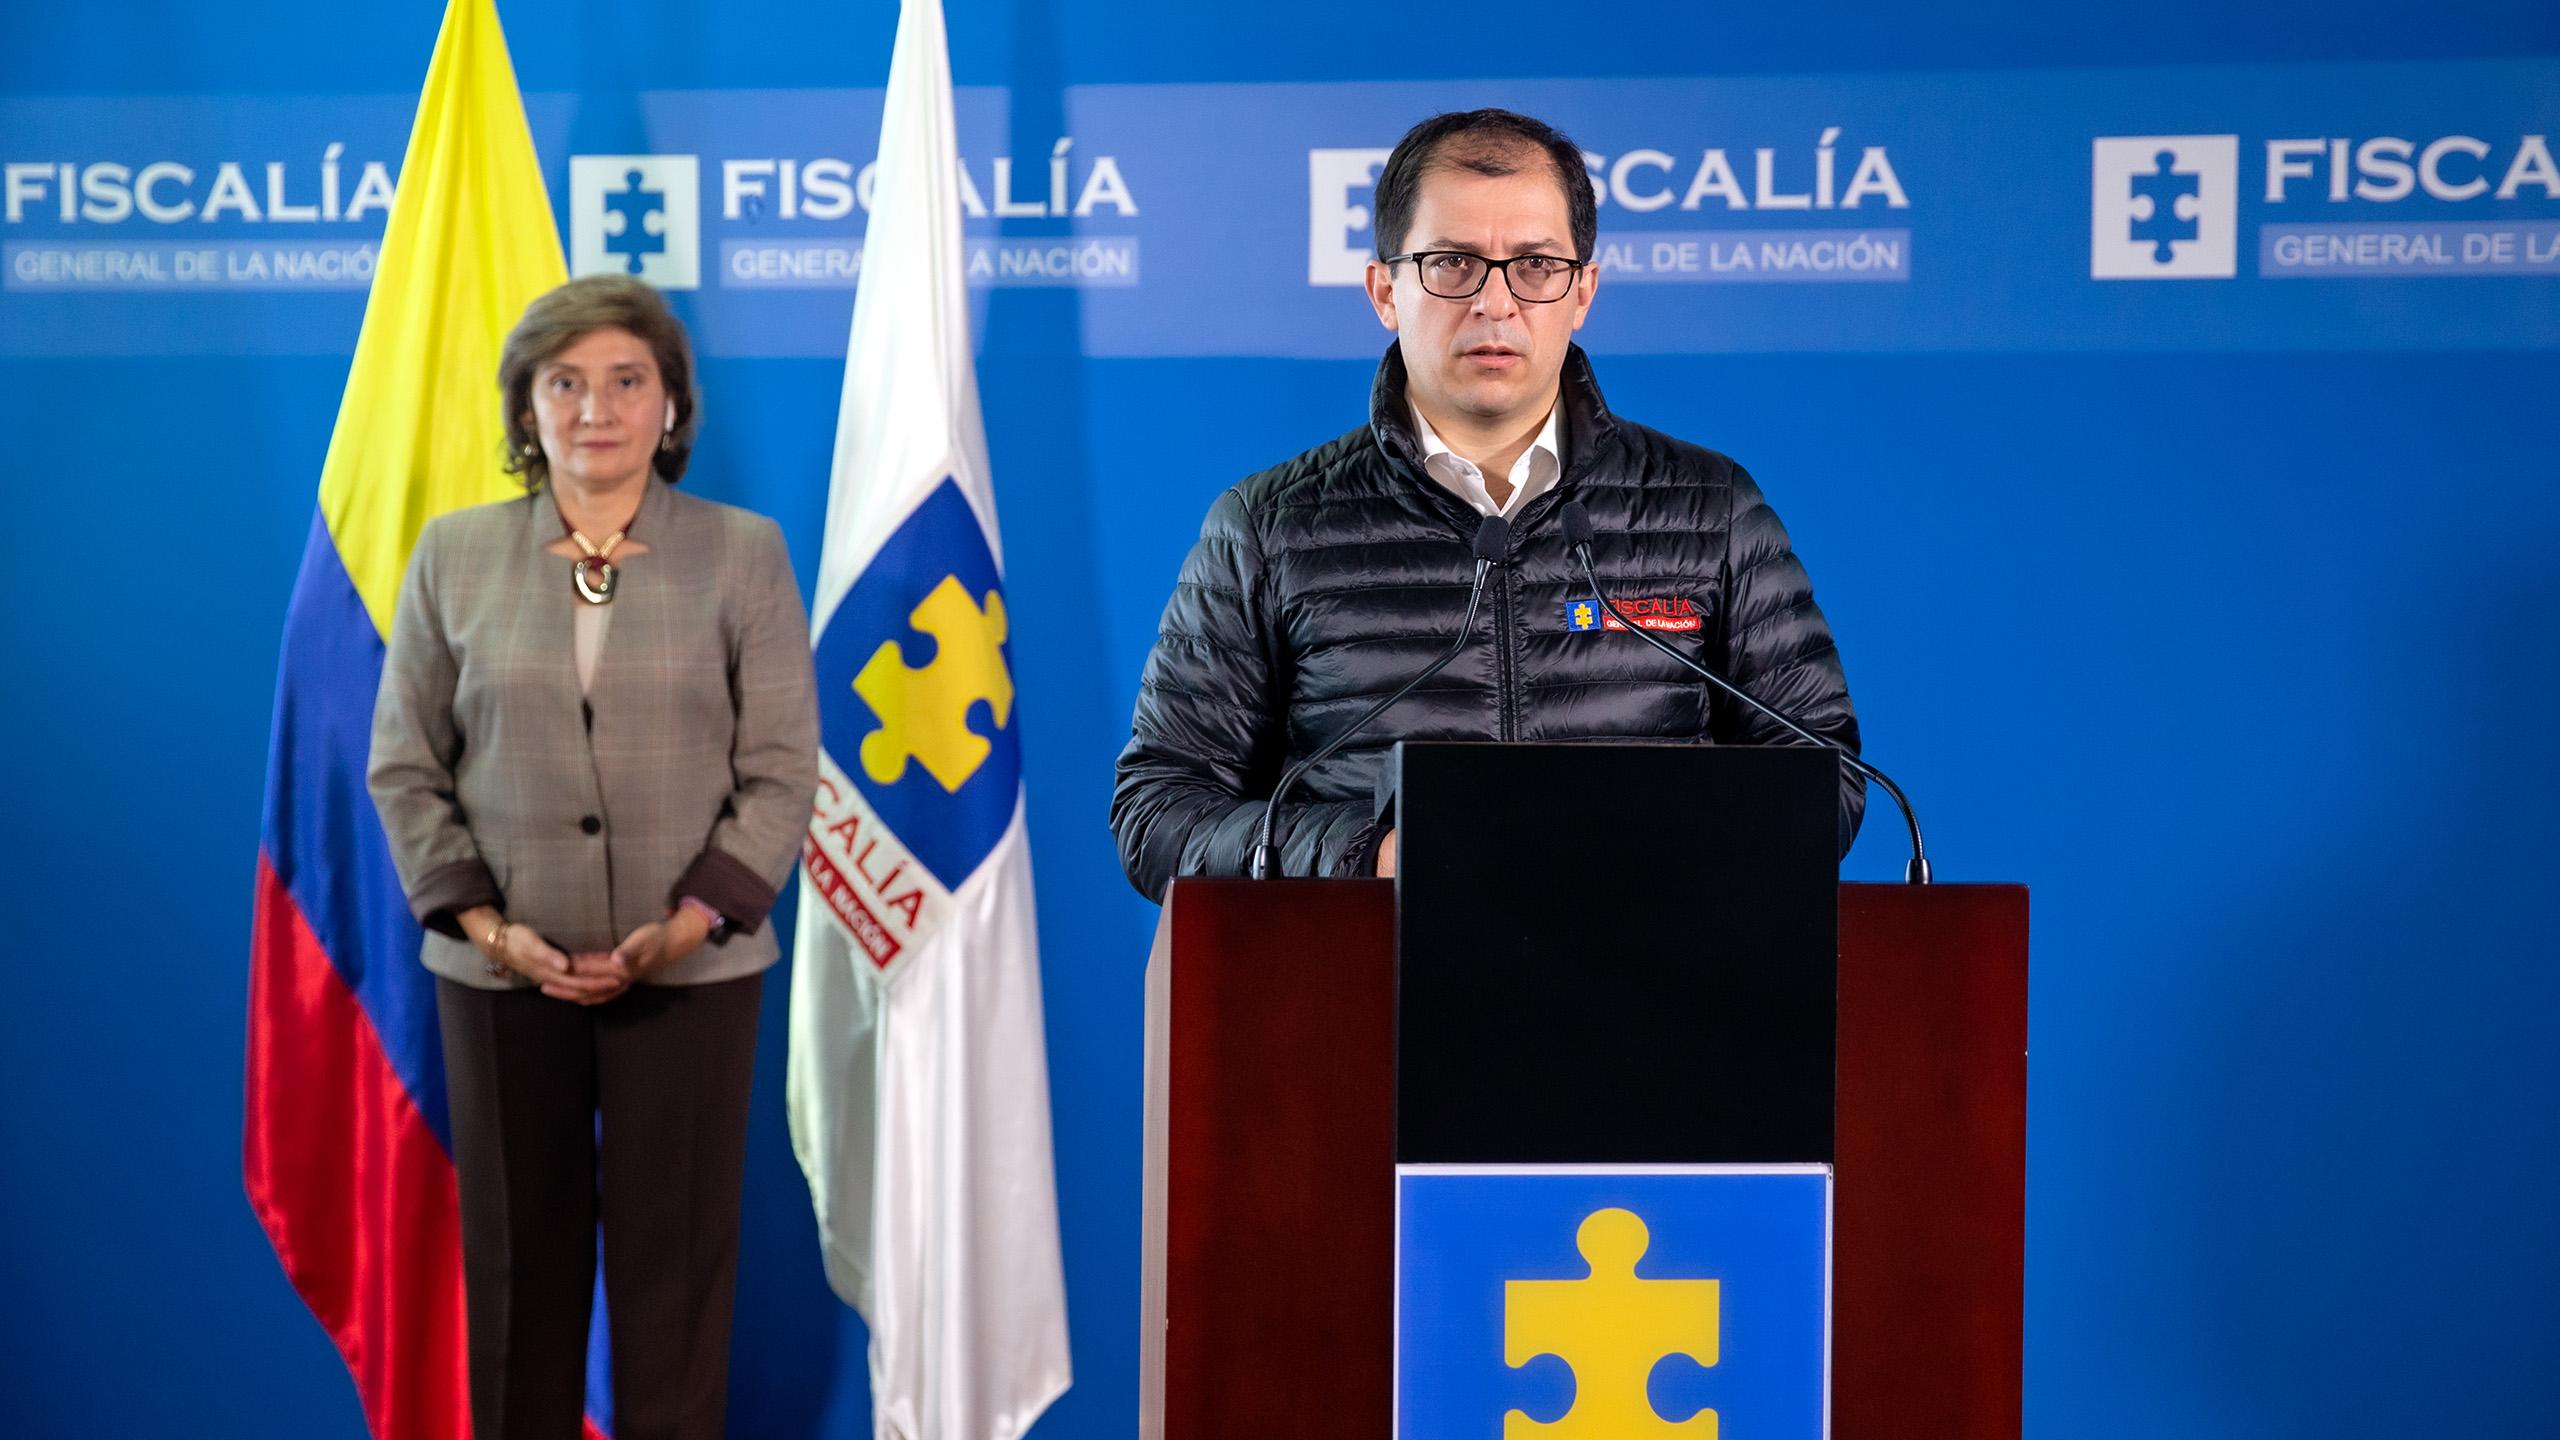 Fiscalía General de la Nación impone medida privativa de la libertad contra gobernador de Antioquia, Aníbal Gaviria Correa, por irregularidades de contratación